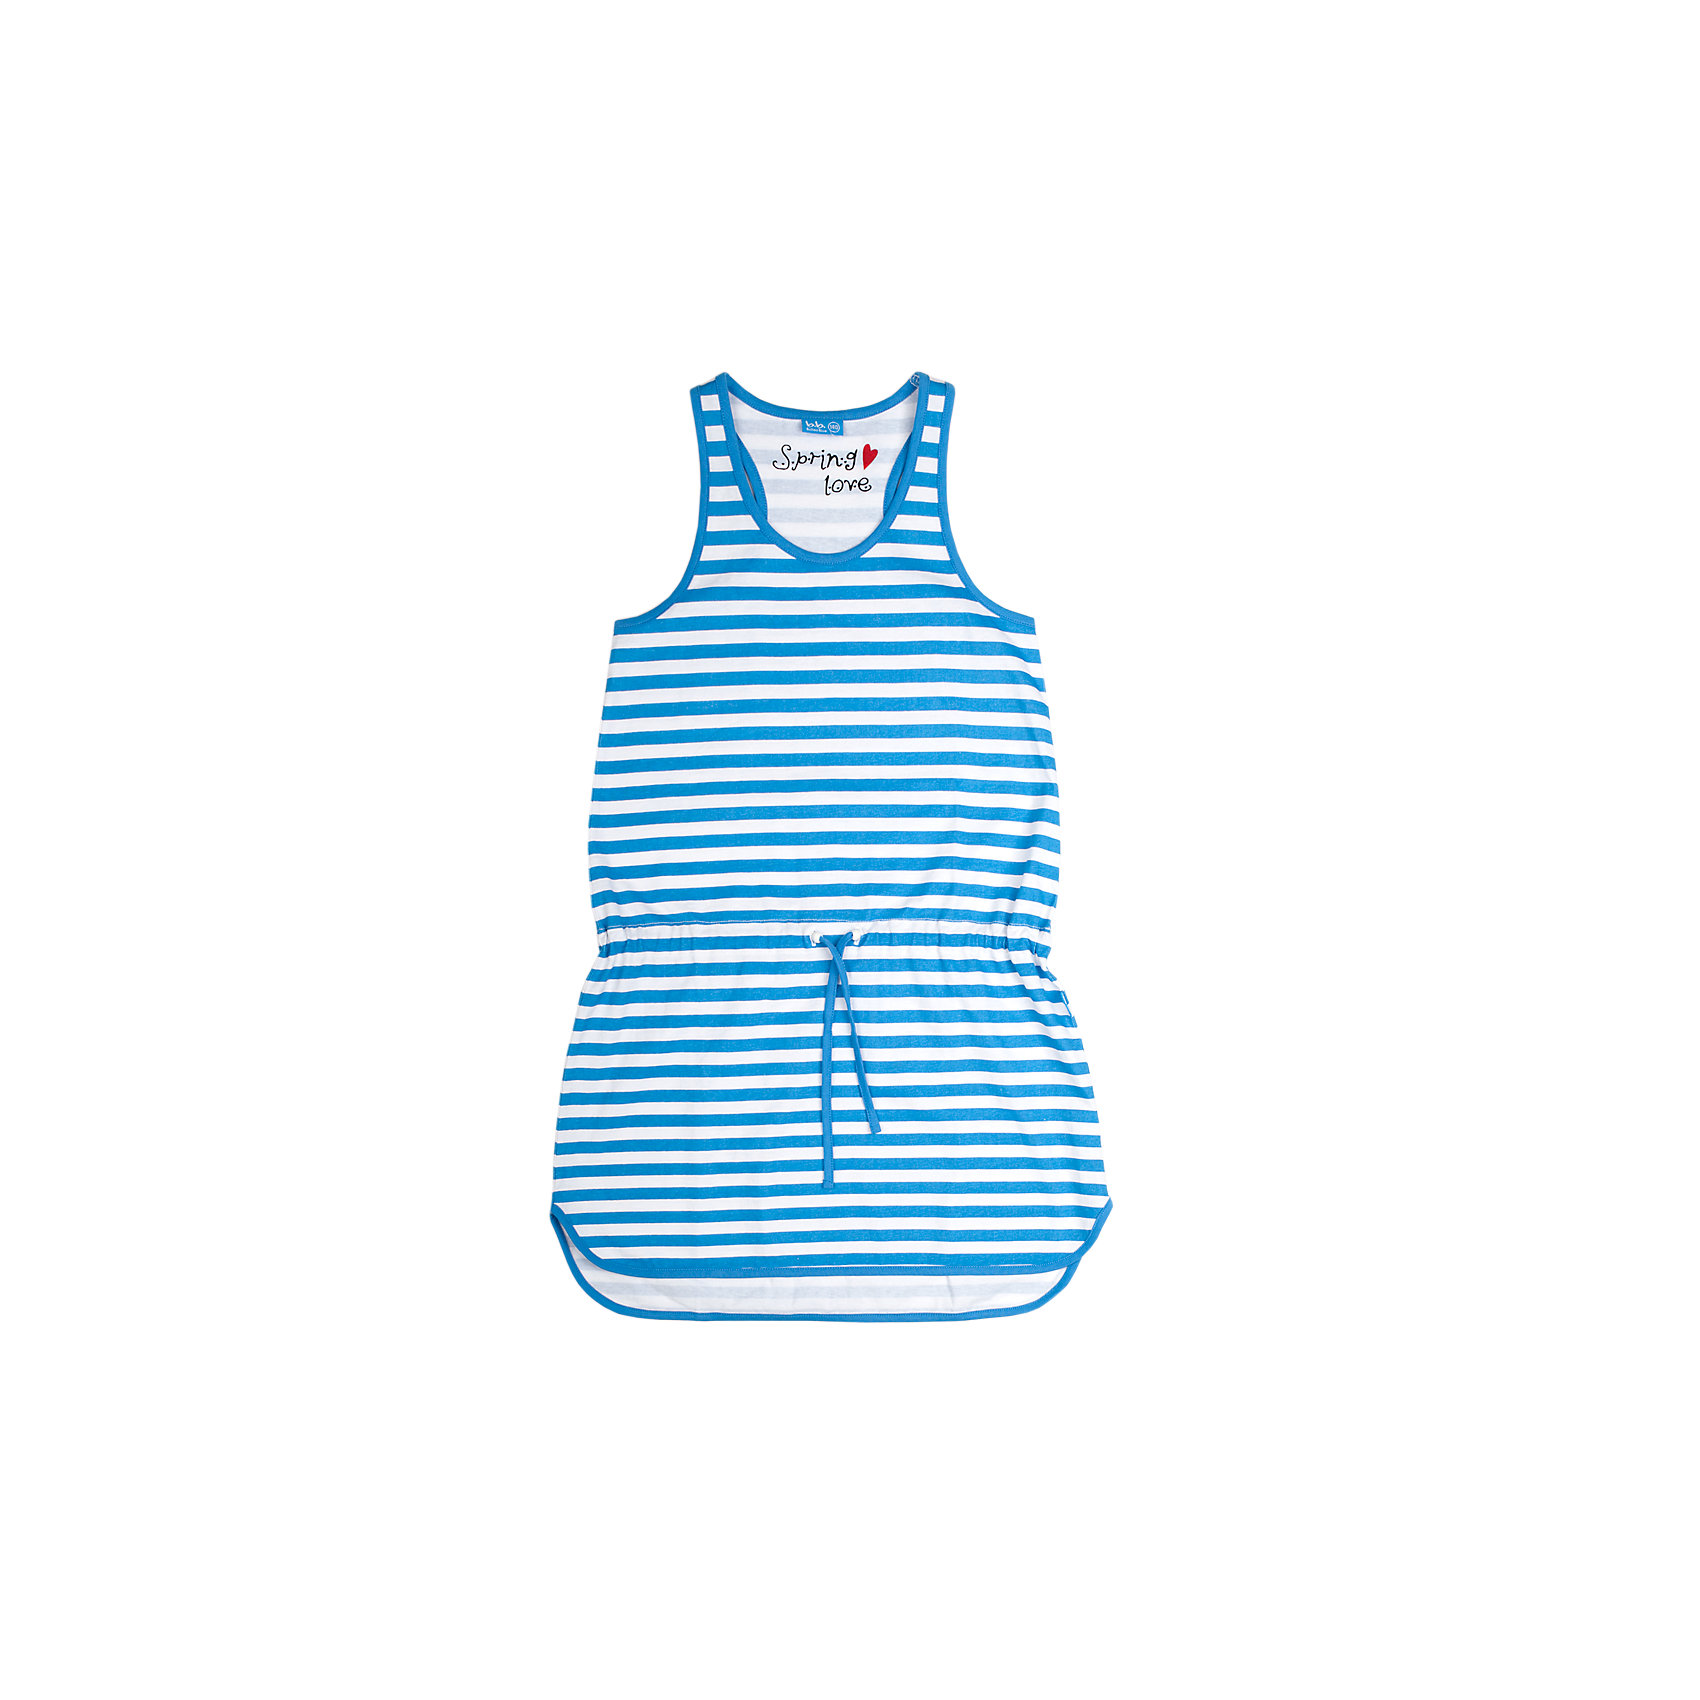 Платье для девочки Button BlueПлатья и сарафаны<br>Легкое летнее платье имеет силуэт борцовка и округлую линию низа. На талии - пояс-шнурок. Отличное решение для пляжного отдыха.<br>Состав:<br>100% хлопок<br><br>Размеры данного бренда маломерят. Рекомендуется заказывать на размер больше.<br><br>Ширина мм: 236<br>Глубина мм: 16<br>Высота мм: 184<br>Вес г: 177<br>Цвет: голубой<br>Возраст от месяцев: 120<br>Возраст до месяцев: 132<br>Пол: Женский<br>Возраст: Детский<br>Размер: 146,158,152,140,128,134<br>SKU: 3979383